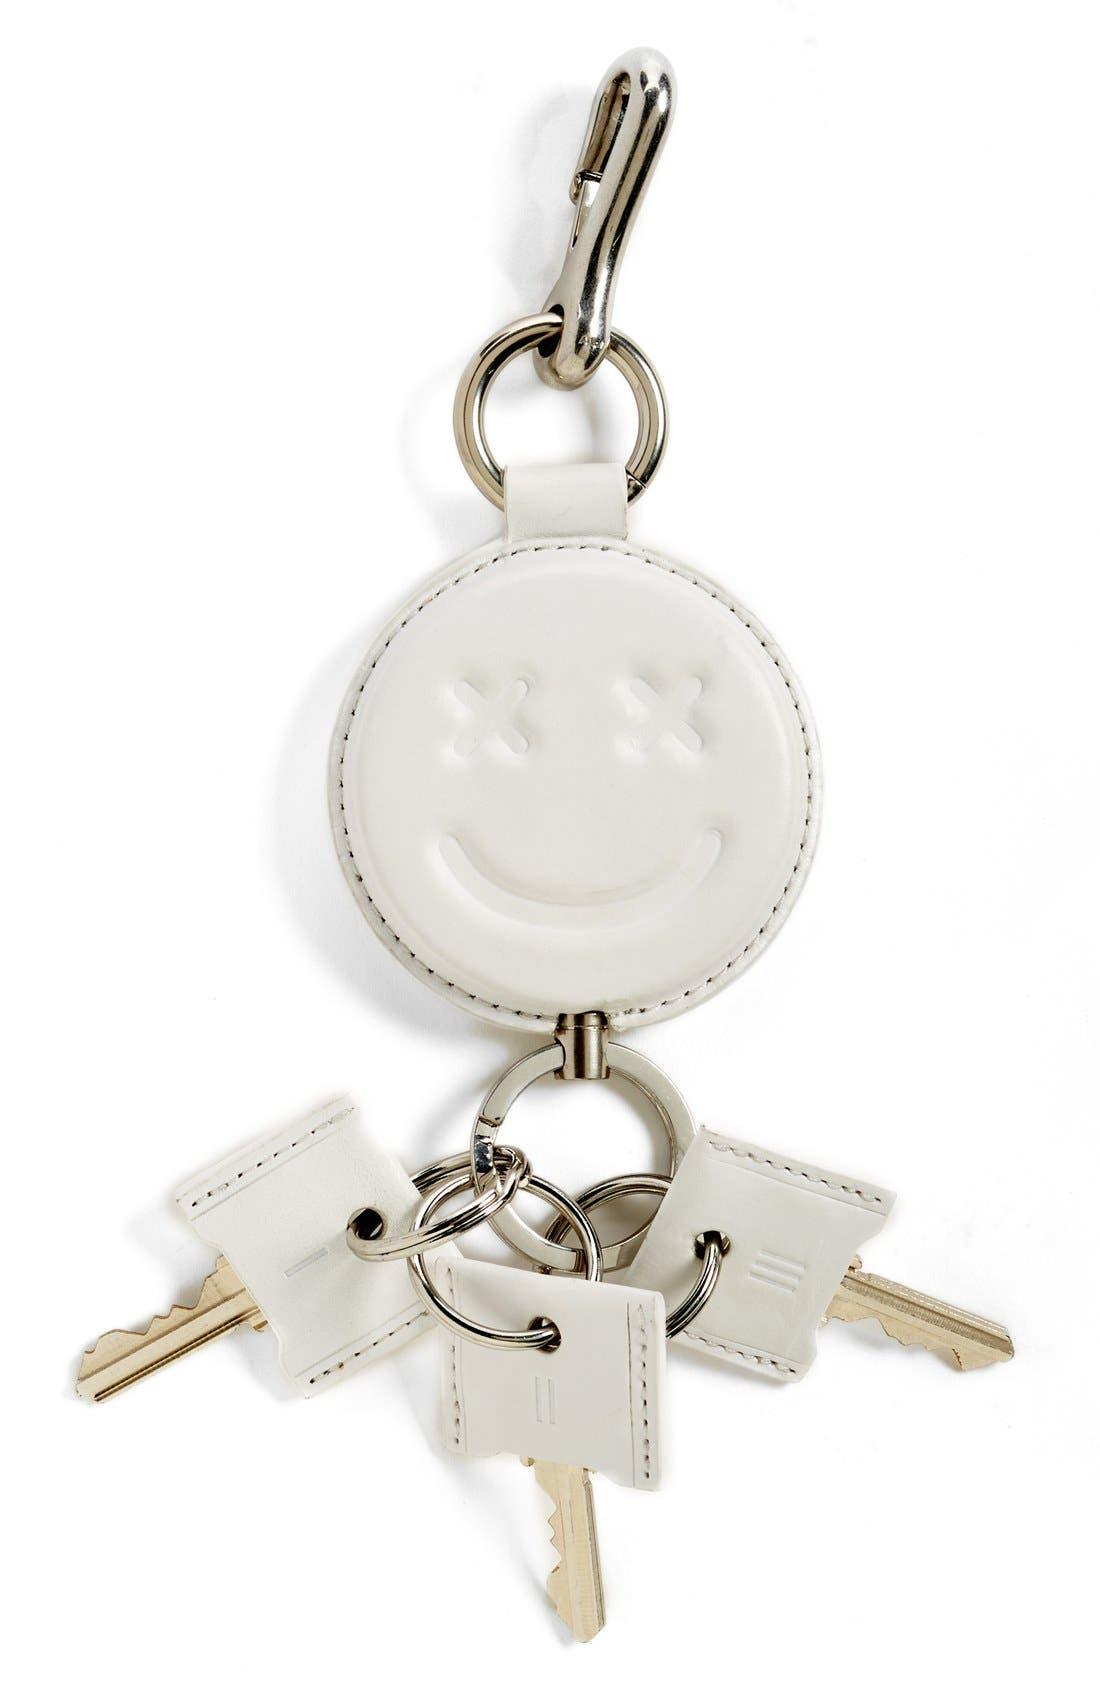 Main Image - Alexander Wang 'Smiley' Key Ring Bag Charm